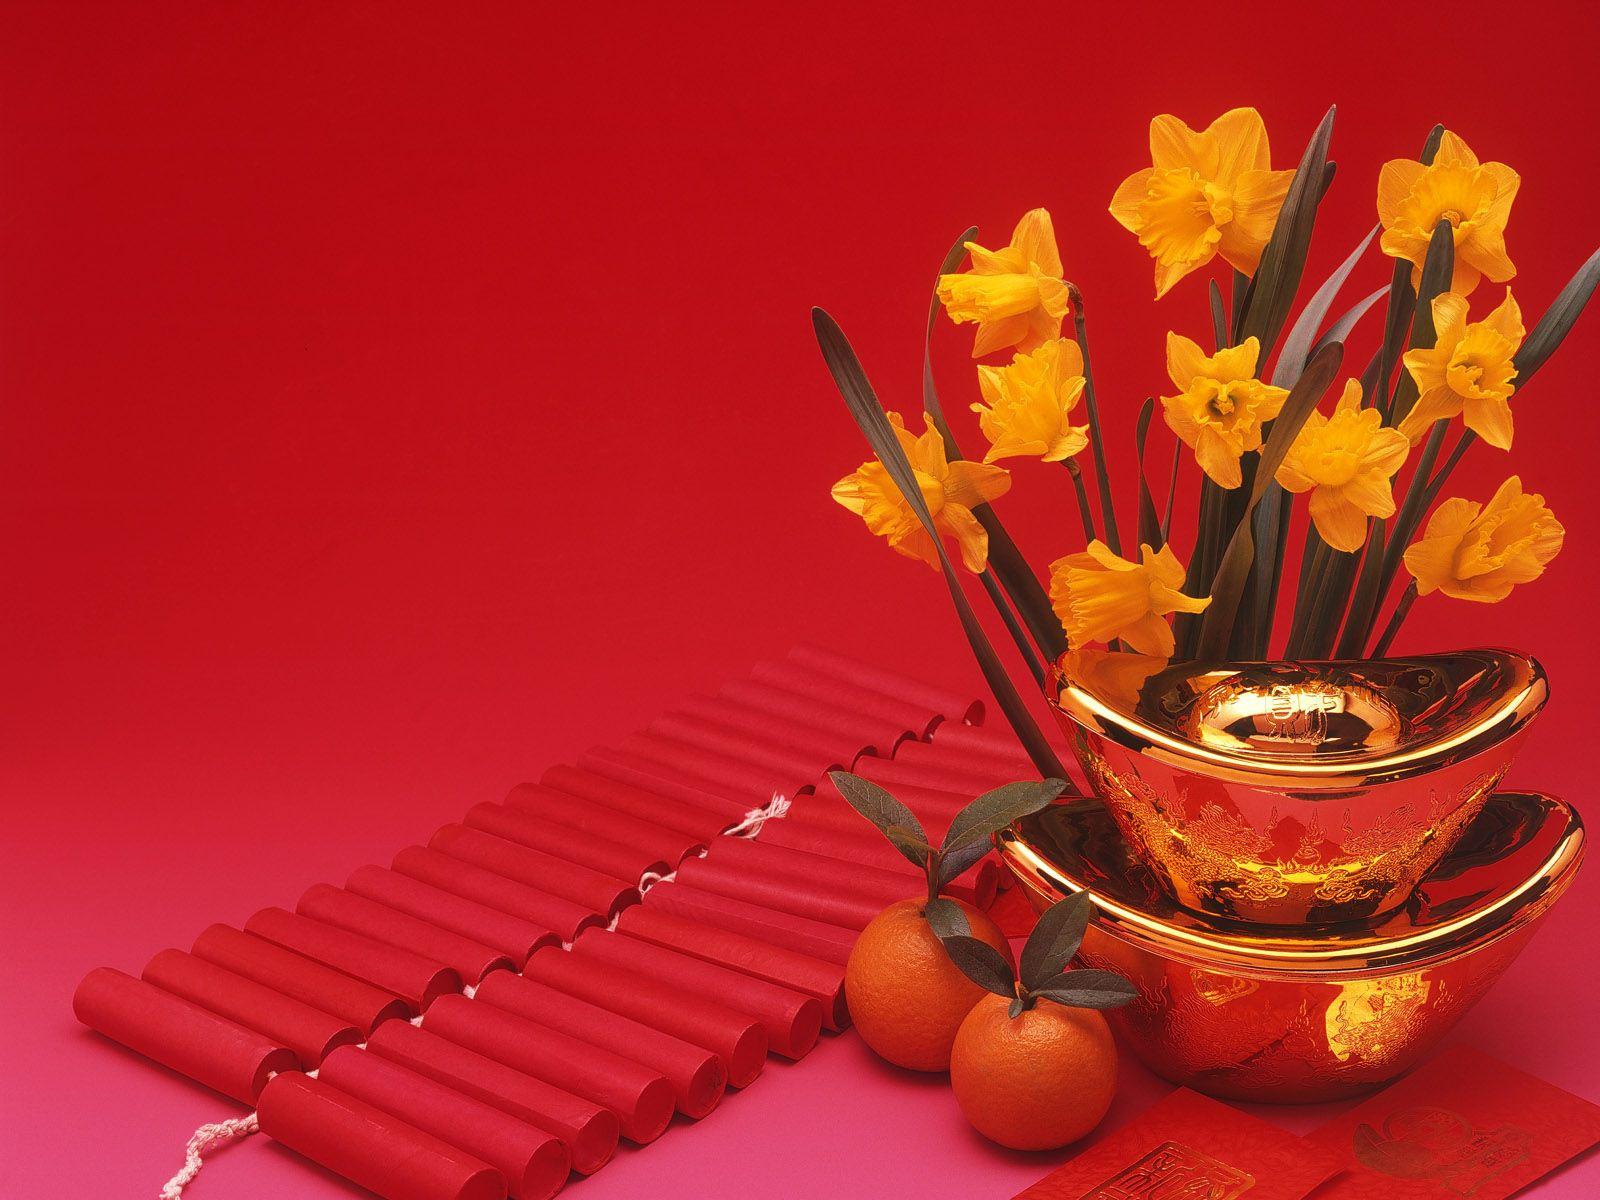 新年节日喜庆 背景图片可爱